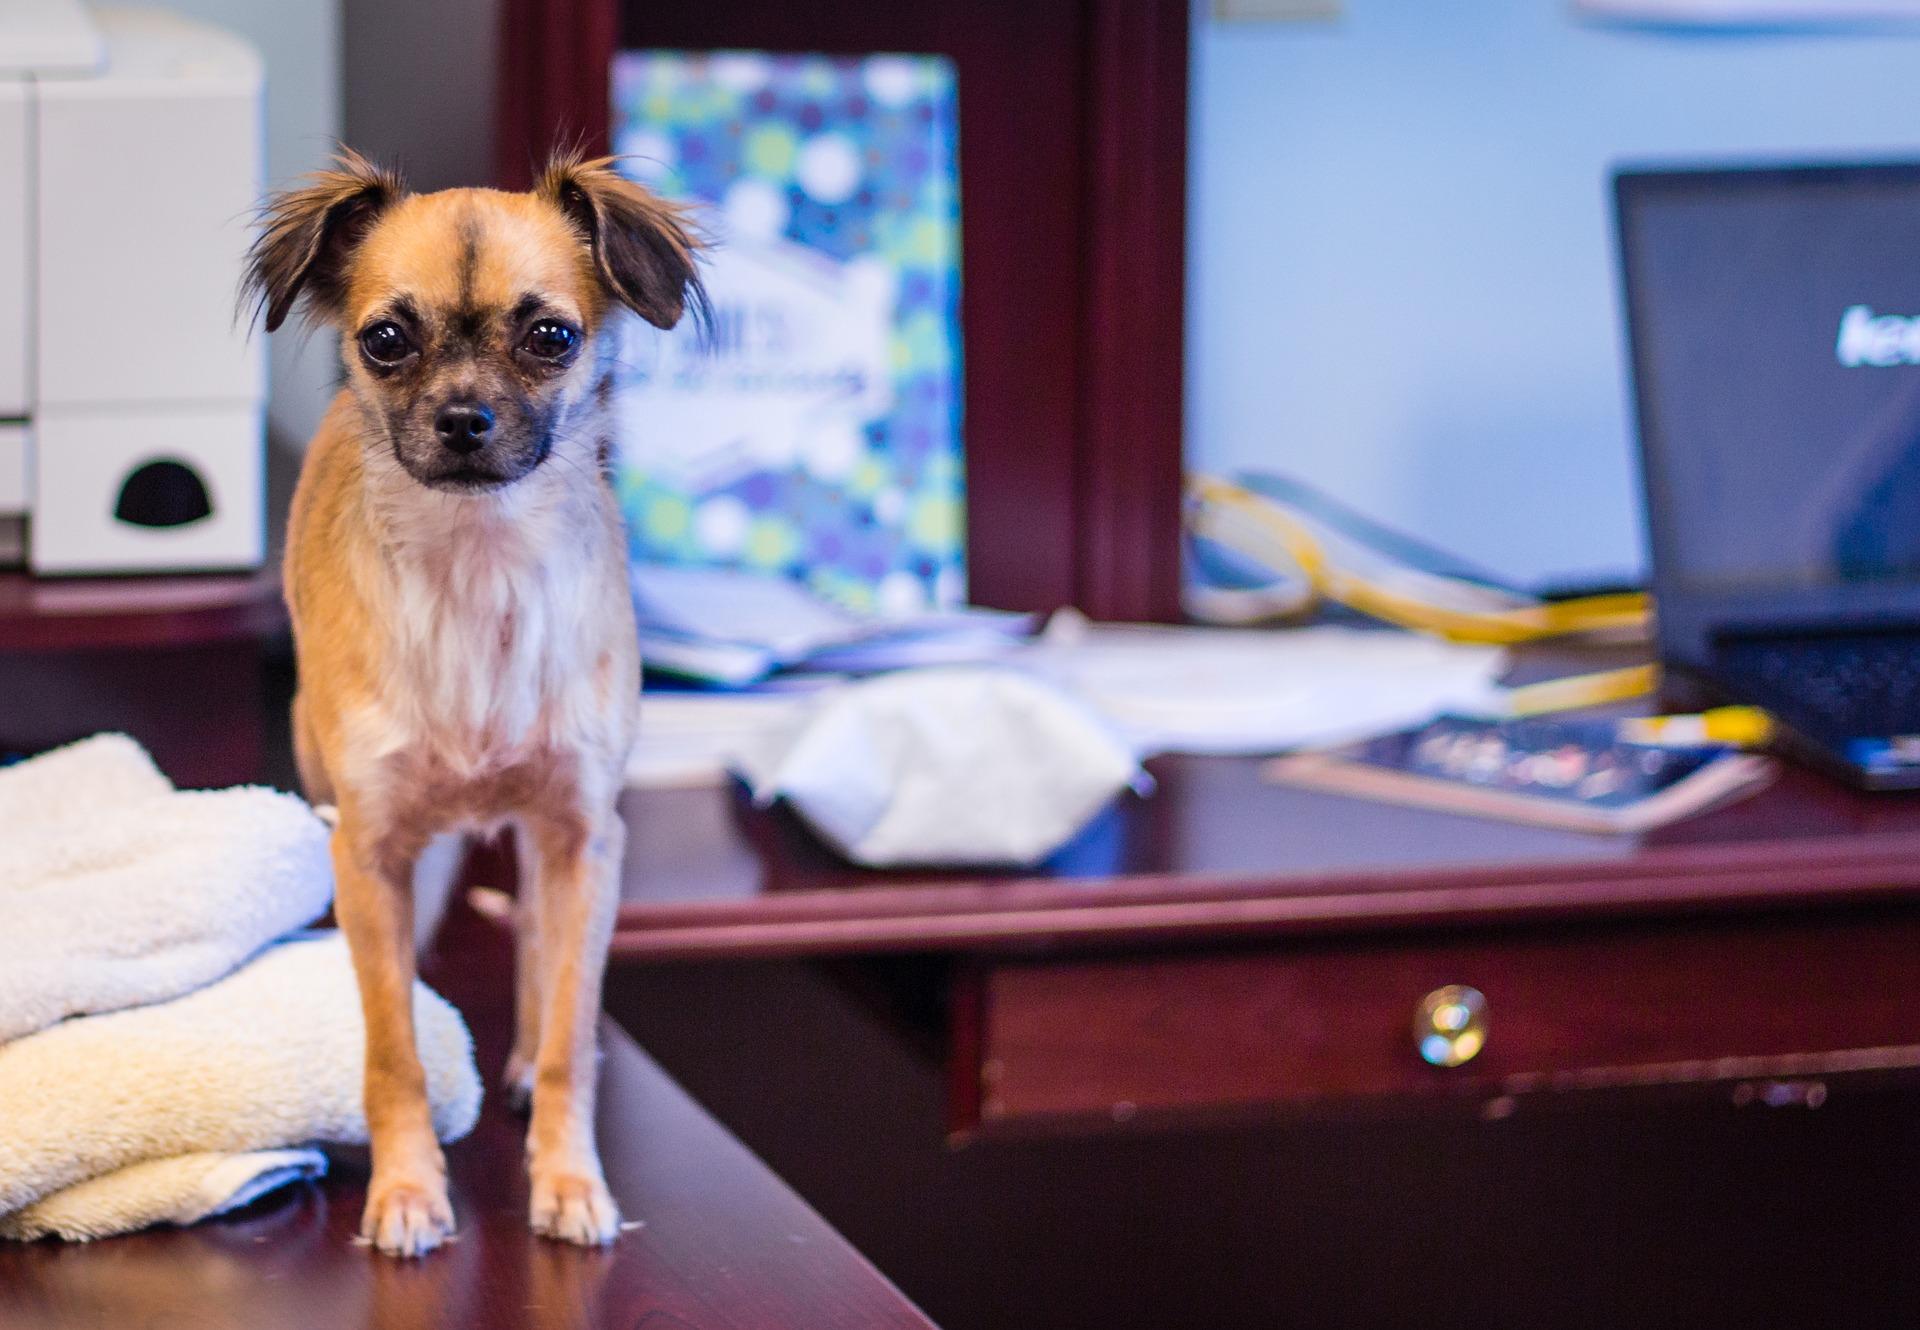 Ubezpieczenie psa w Polsce staje się coraz bardziej popularne, o czym świadczy rosnąca oferta polis dla czworonogów. Niektóre firmy zastrzegają sobie możliwość objęcia nimi określonej liczby zwierząt